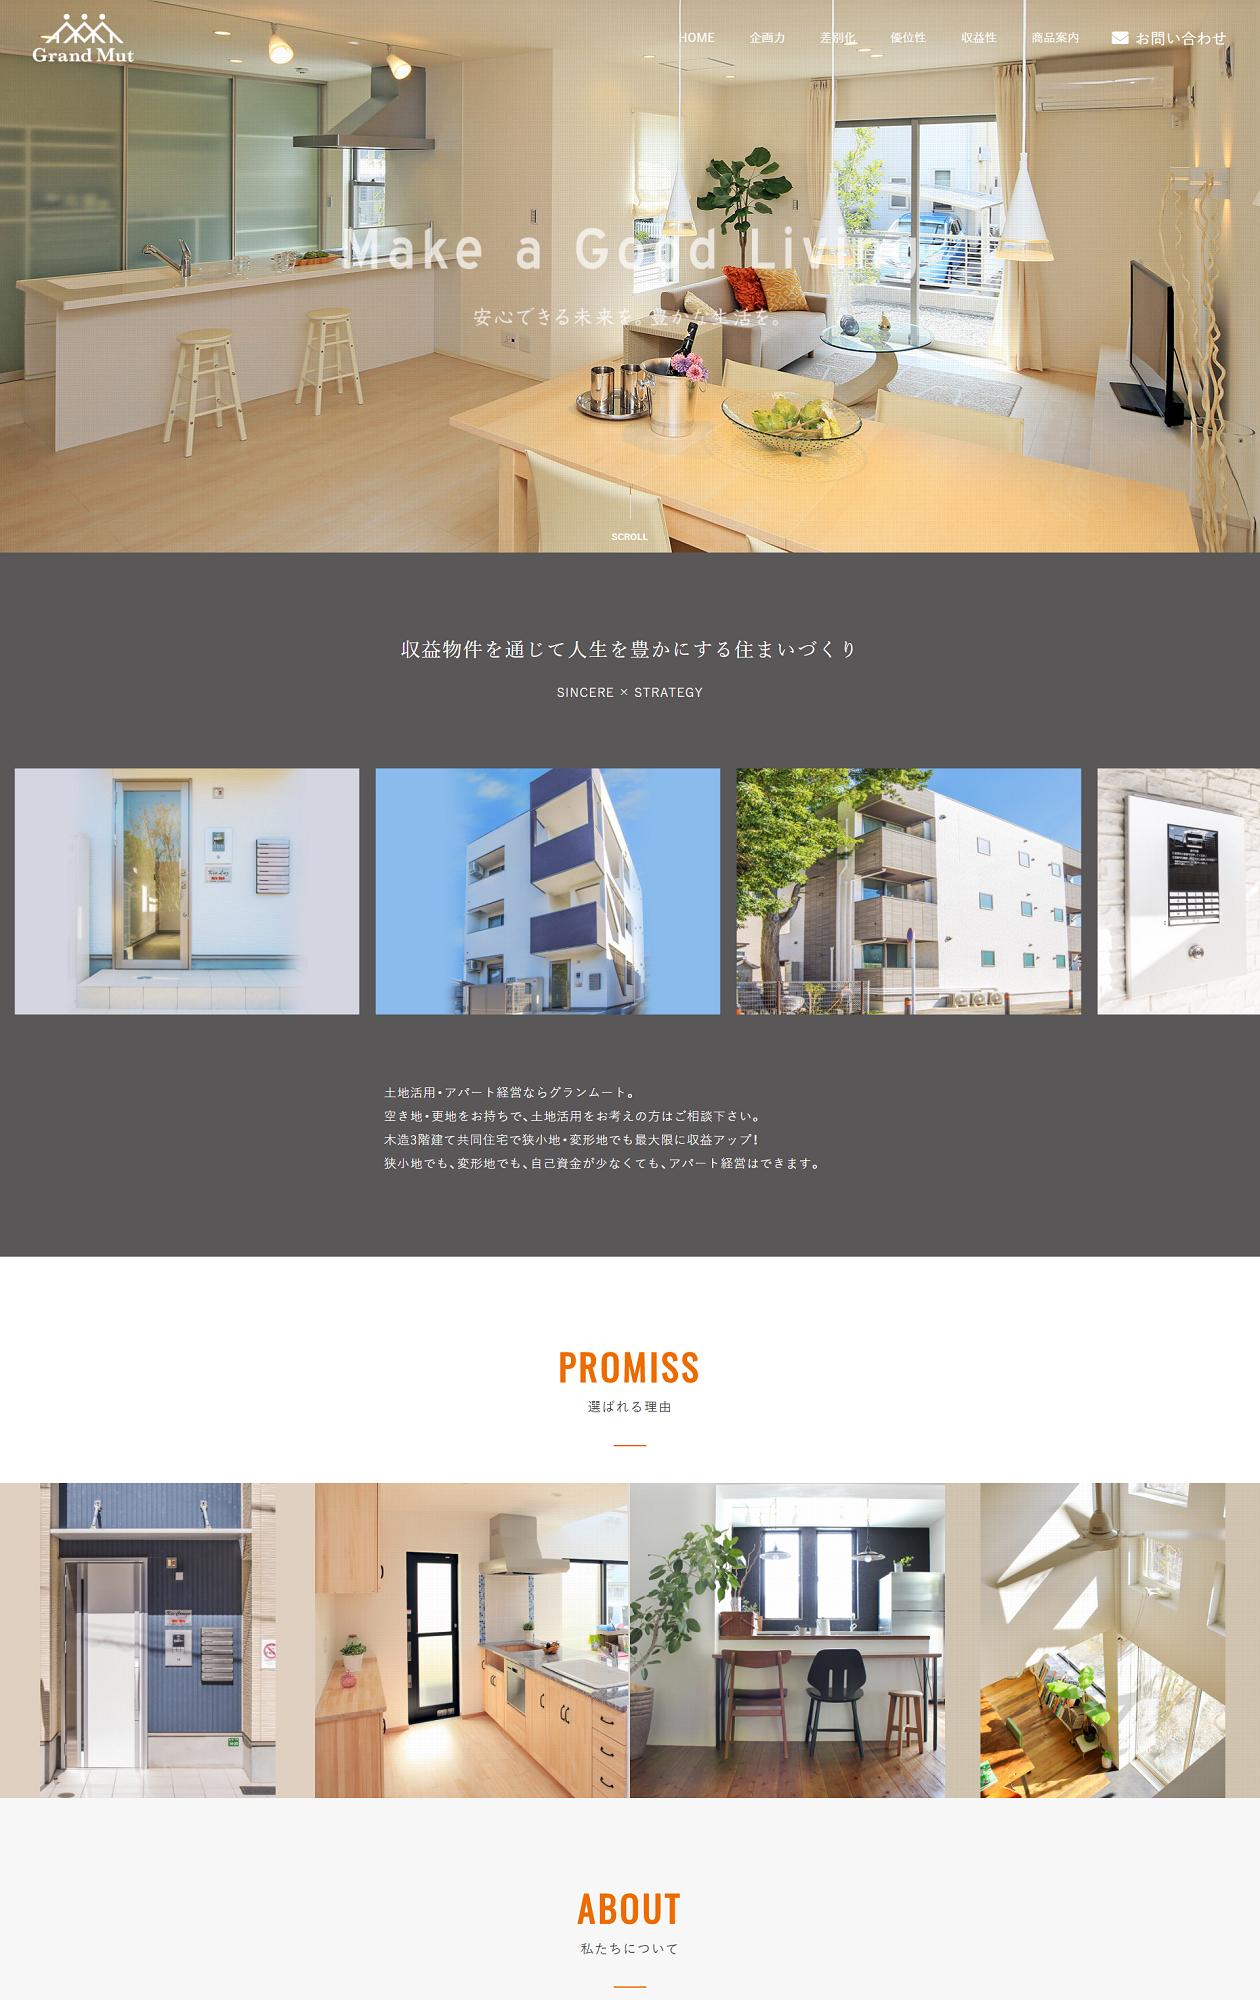 株式会社グランムート ホームページ